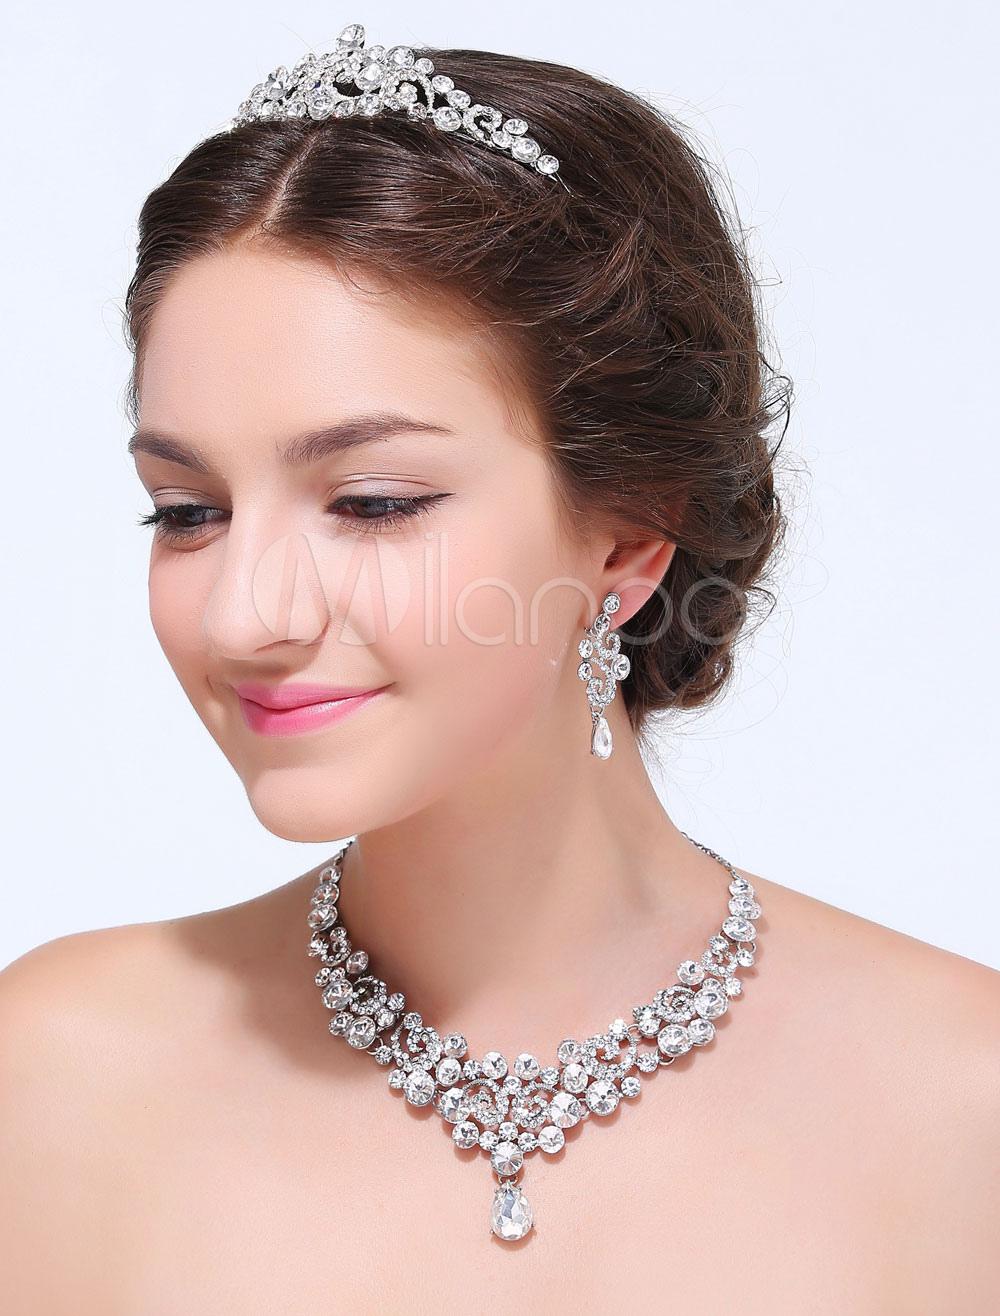 Silver Rhinestone Alloy Wedding Jewelry Set (3-Piece)